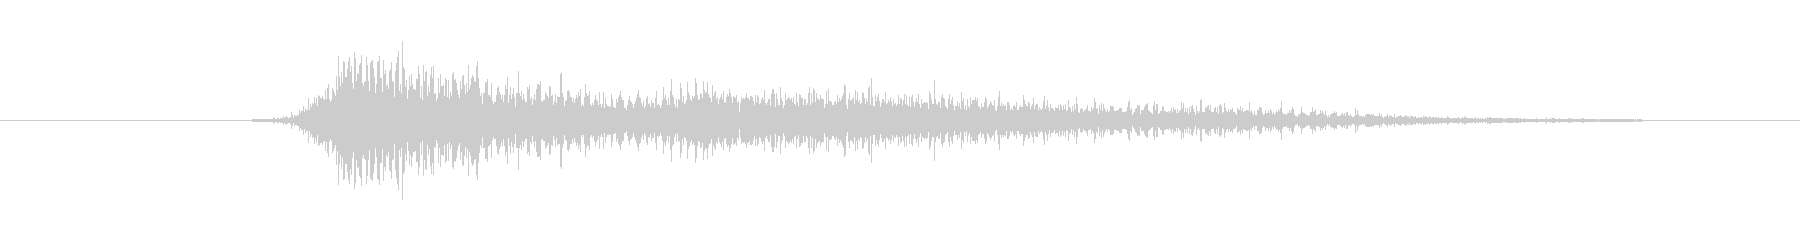 鳴き声 リトルガールスノート05の未再生の波形